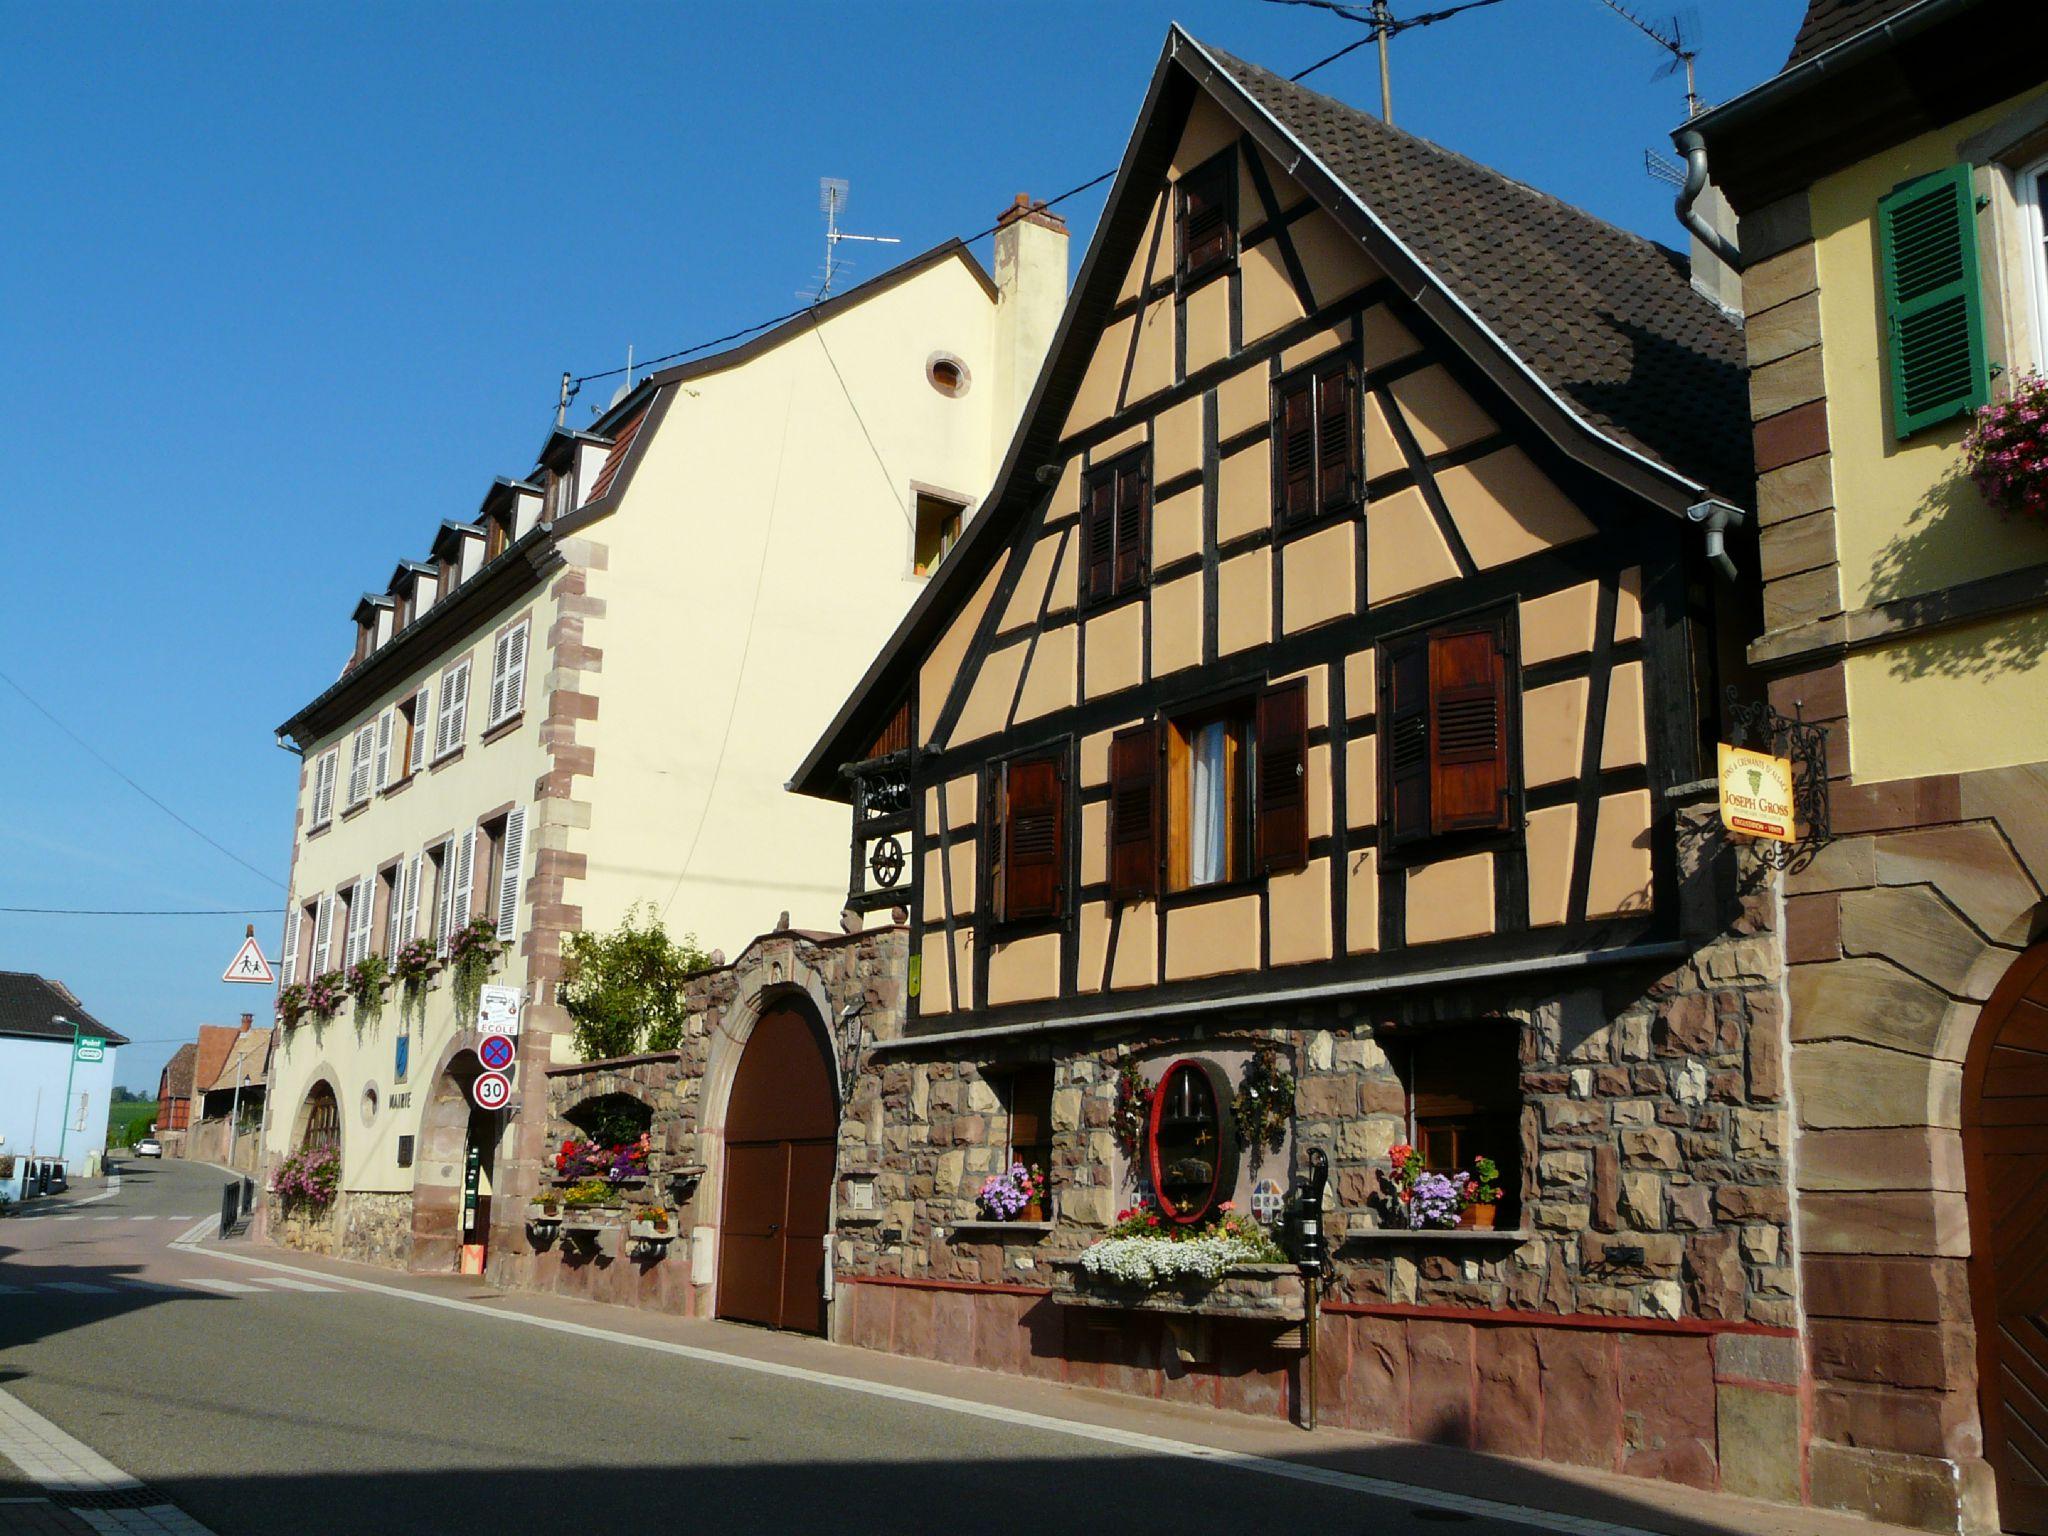 Wolxheim (1)